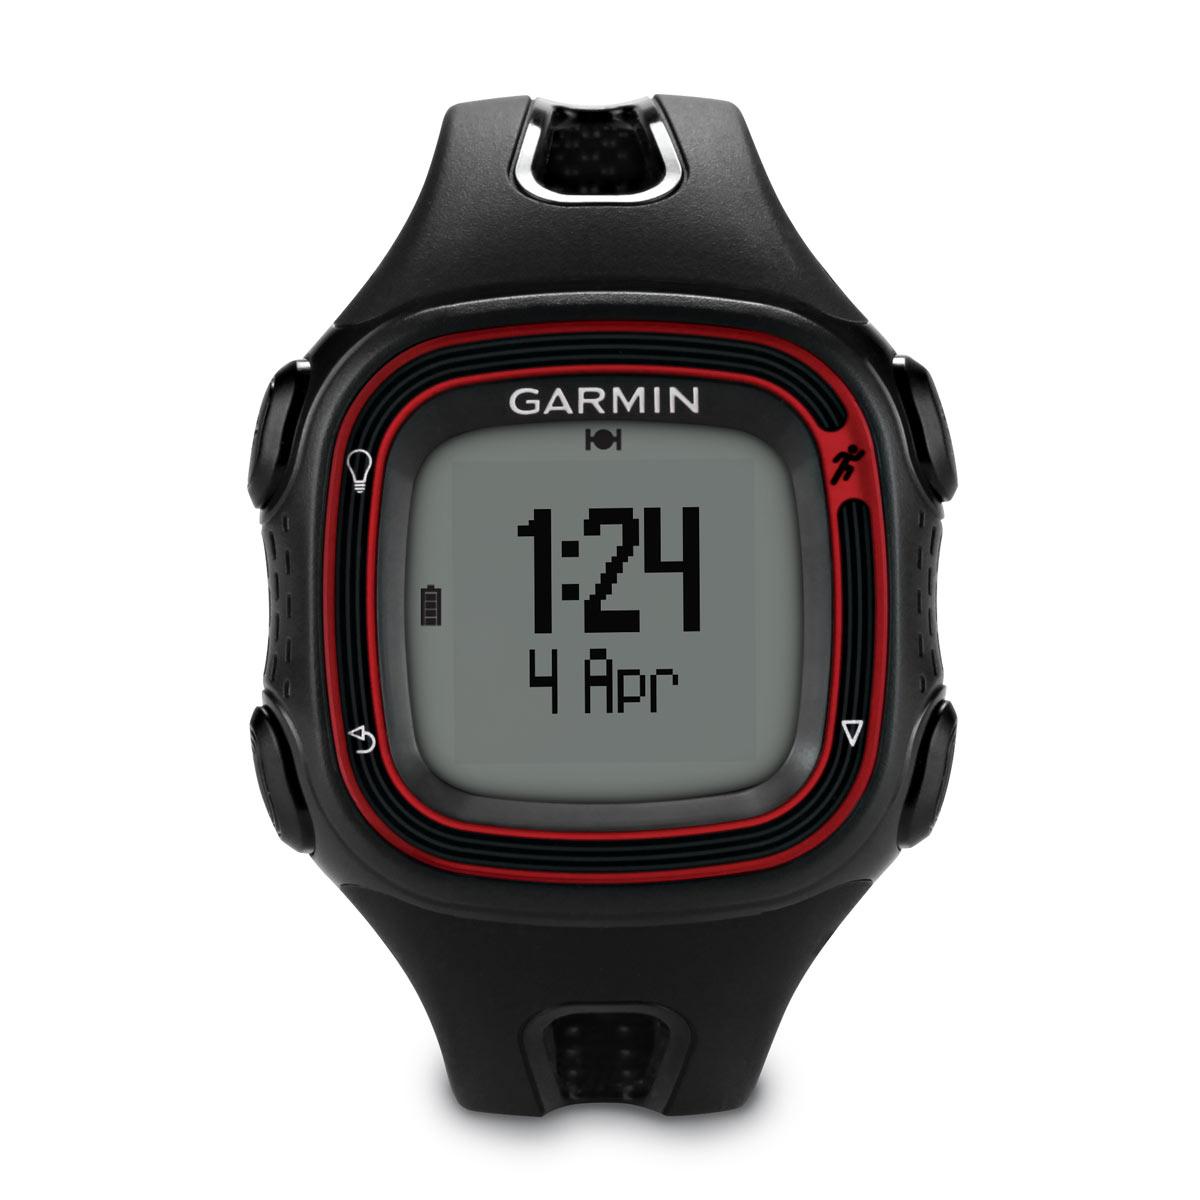 Garmin Forerunner 10 - Montre running Garmin sur LDLC.com